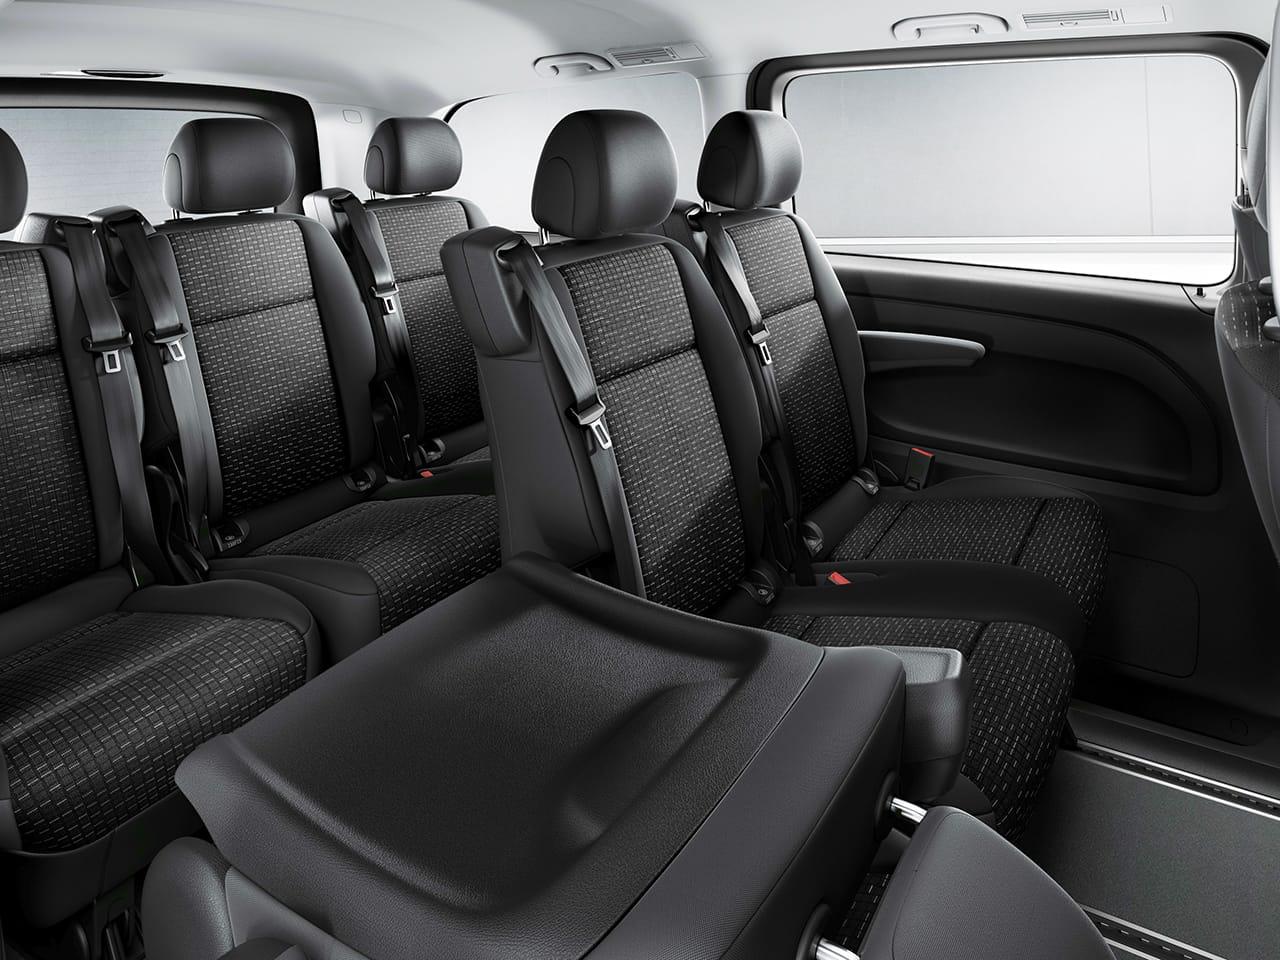 Mercedes Benz Vito Tourer 237 hp